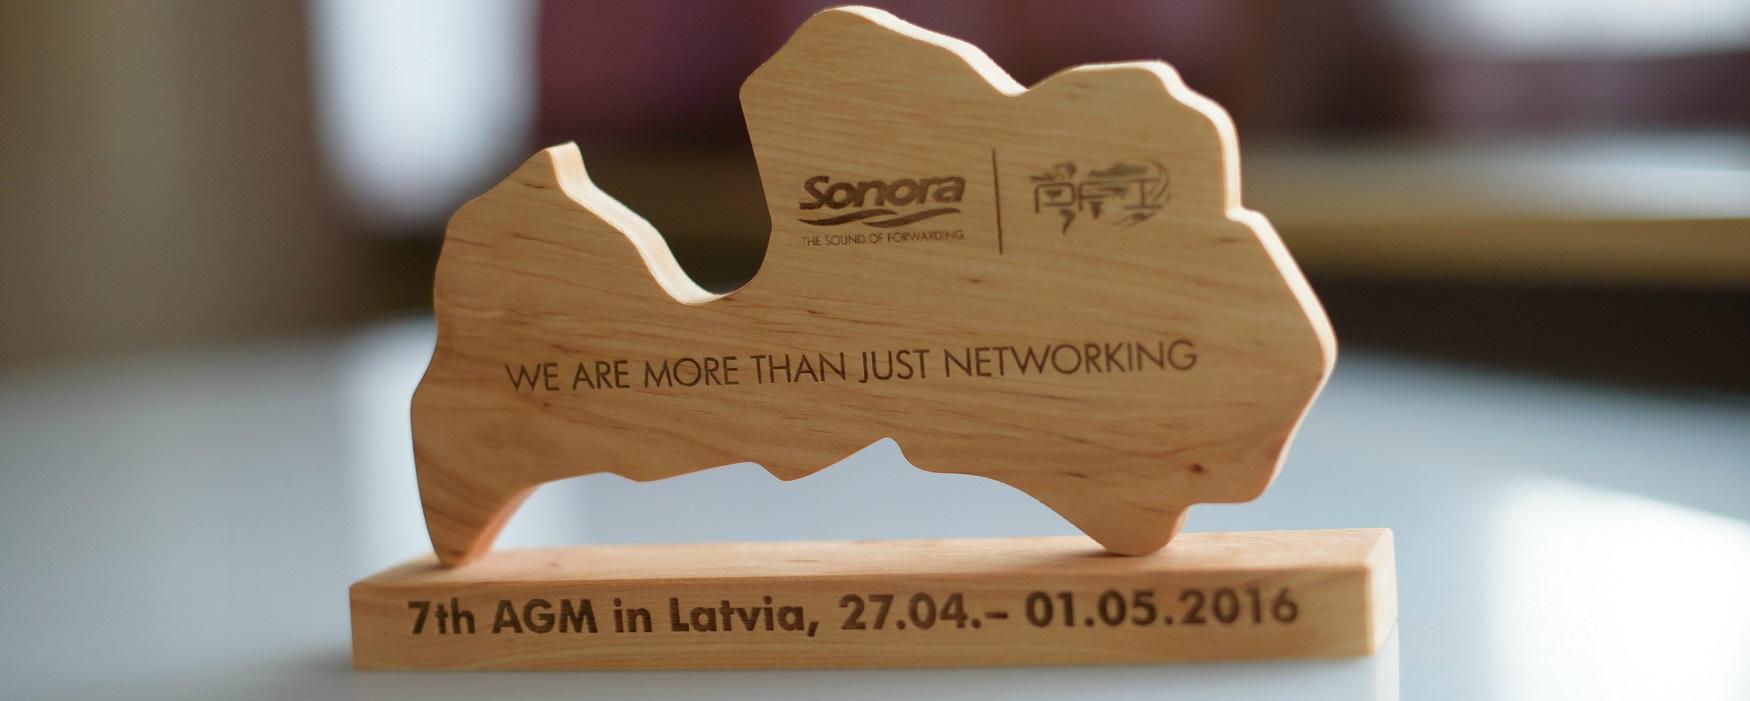 Vidéo: Pourquoi Riga et la Lettonie? Pourquoi Sonora et les Logistiques?